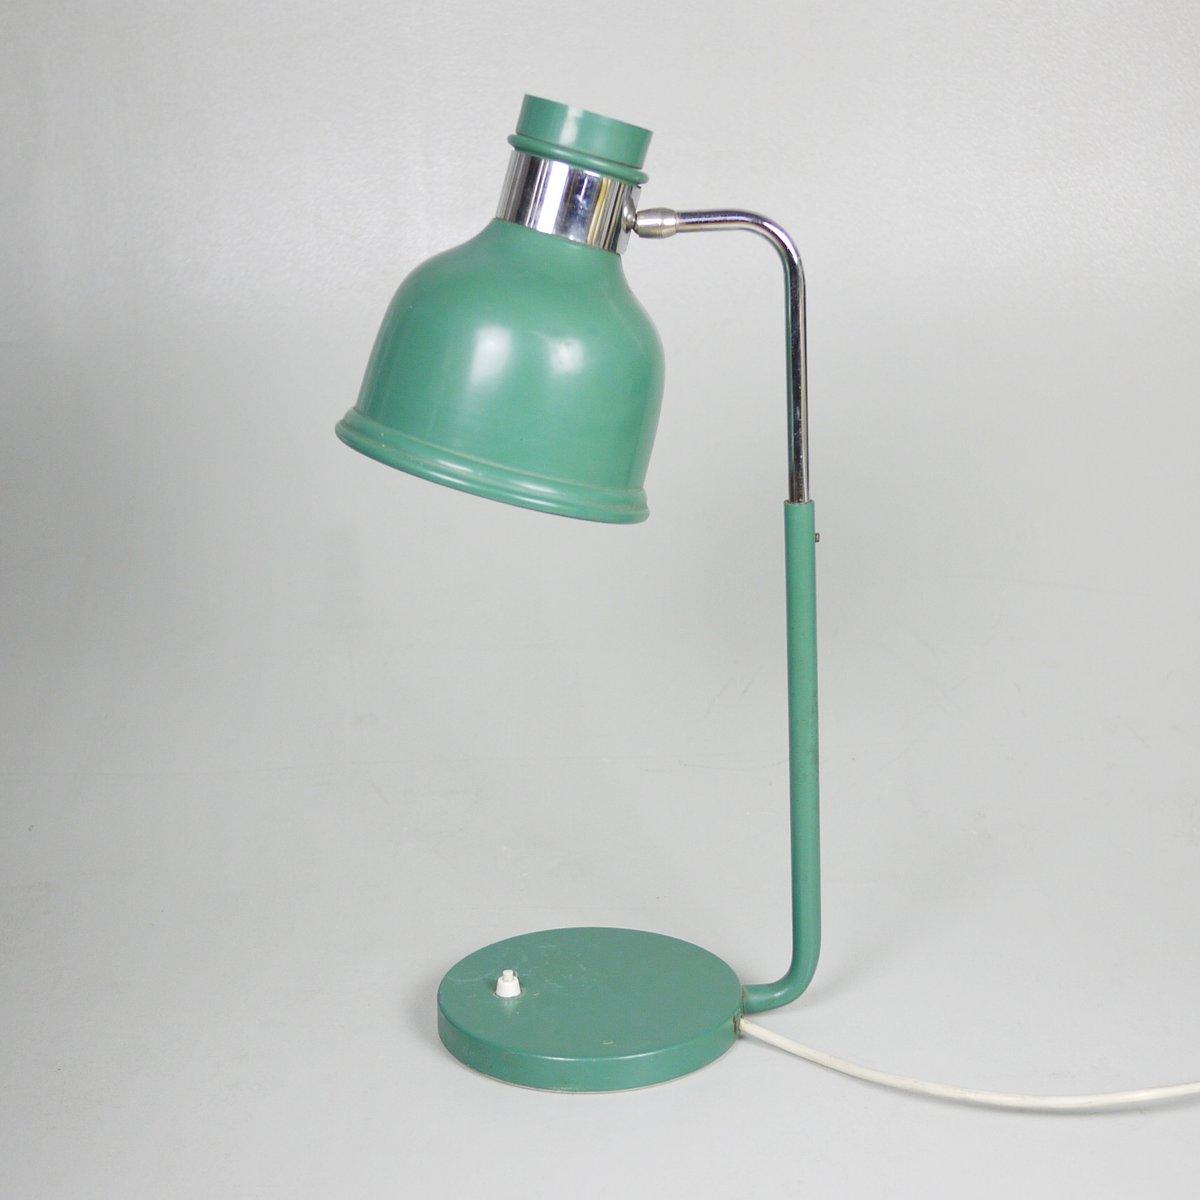 Industrielle Vintage Werkstatt Tischlampe in Grün, 1970er